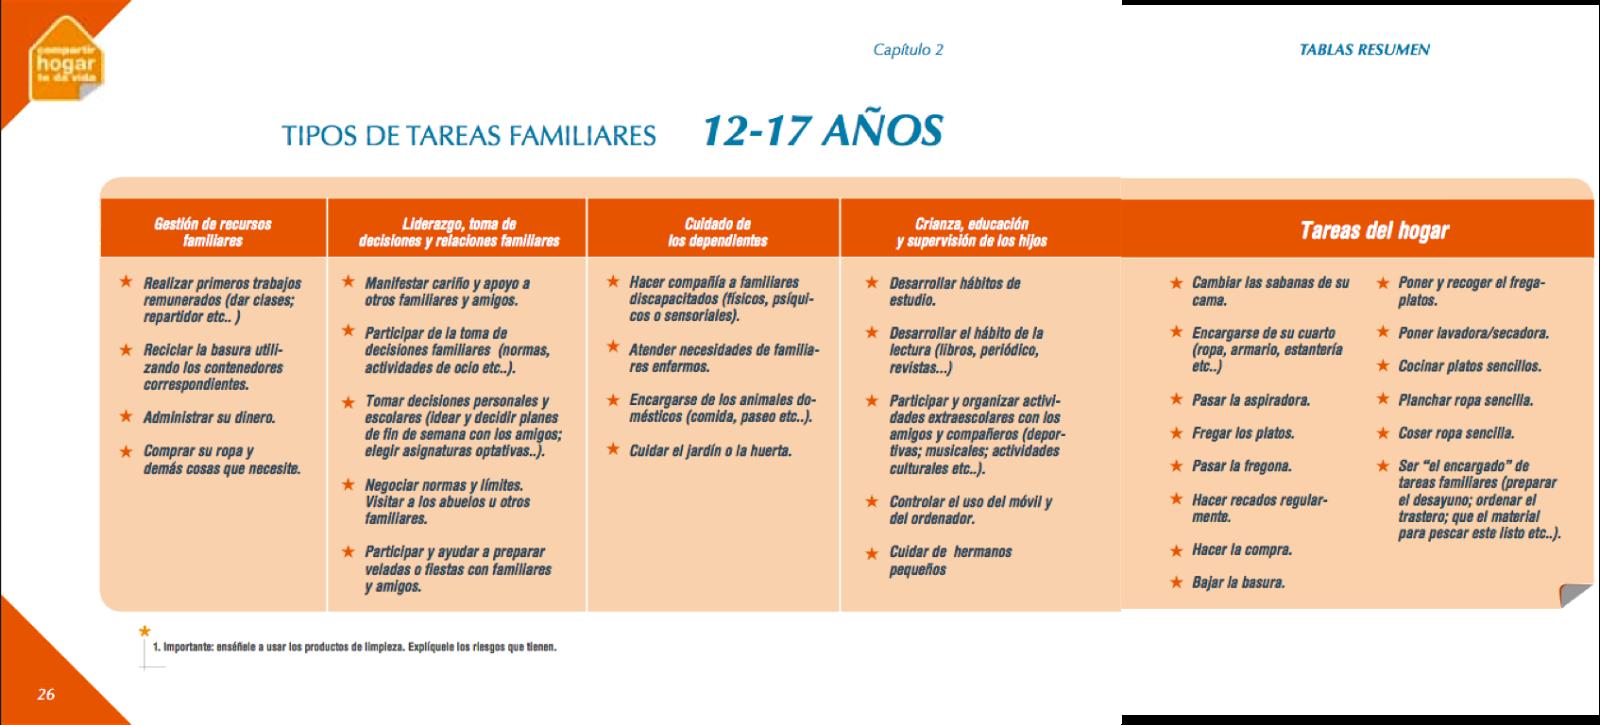 http://www.valencia.es/mujer/mujer.nsf/0/0453842FE373A597C125750B0045BFA4/$FILE/Gu%C3%ADa%20de%20corresponsabilidad_Educar%20compartiendo%20las%20tareas.pdf